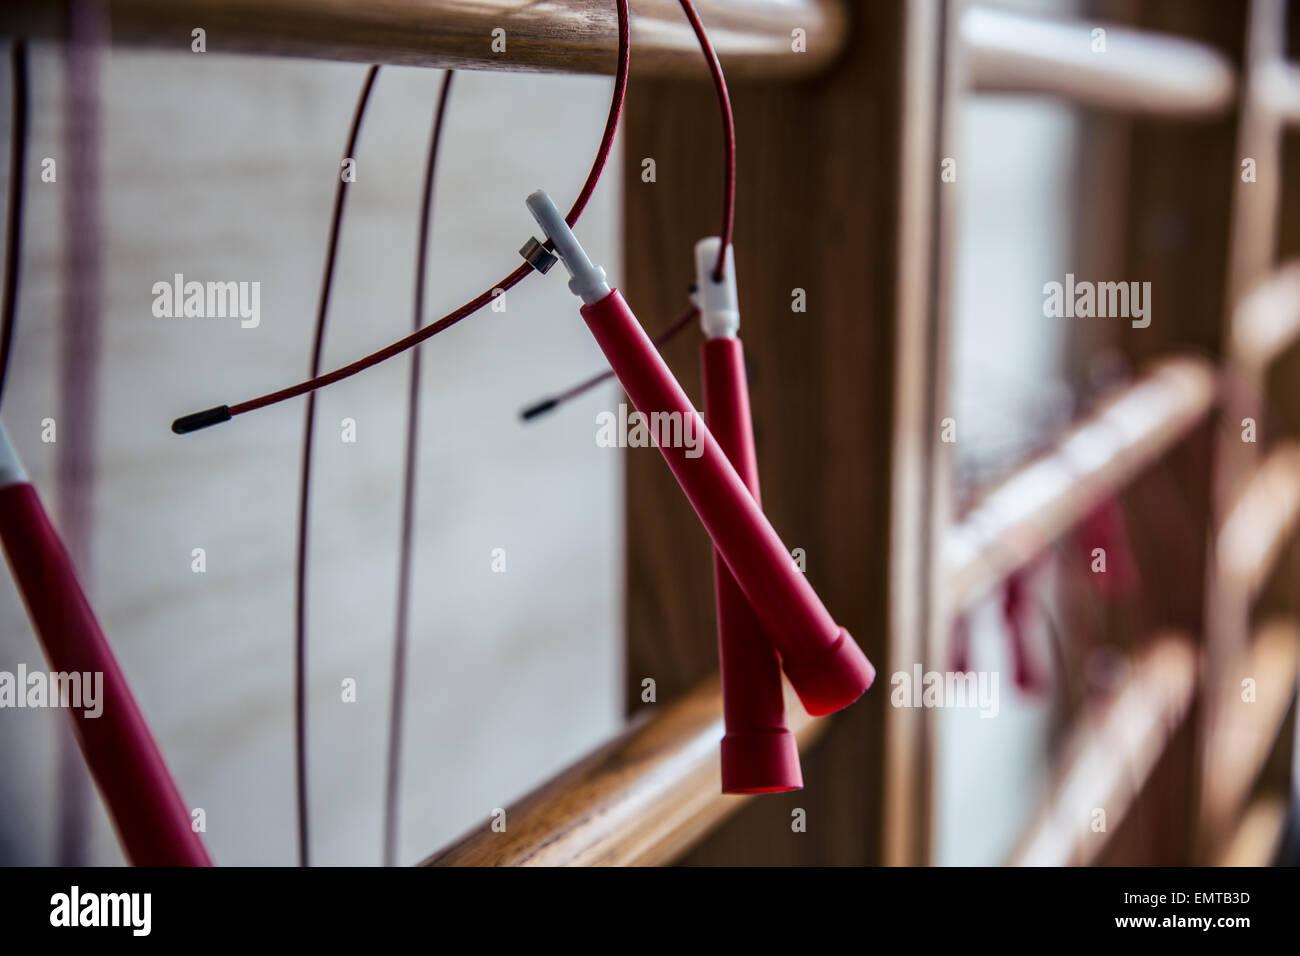 Libre de droit d'une corde à sauter sur les barres de mur Photo Stock